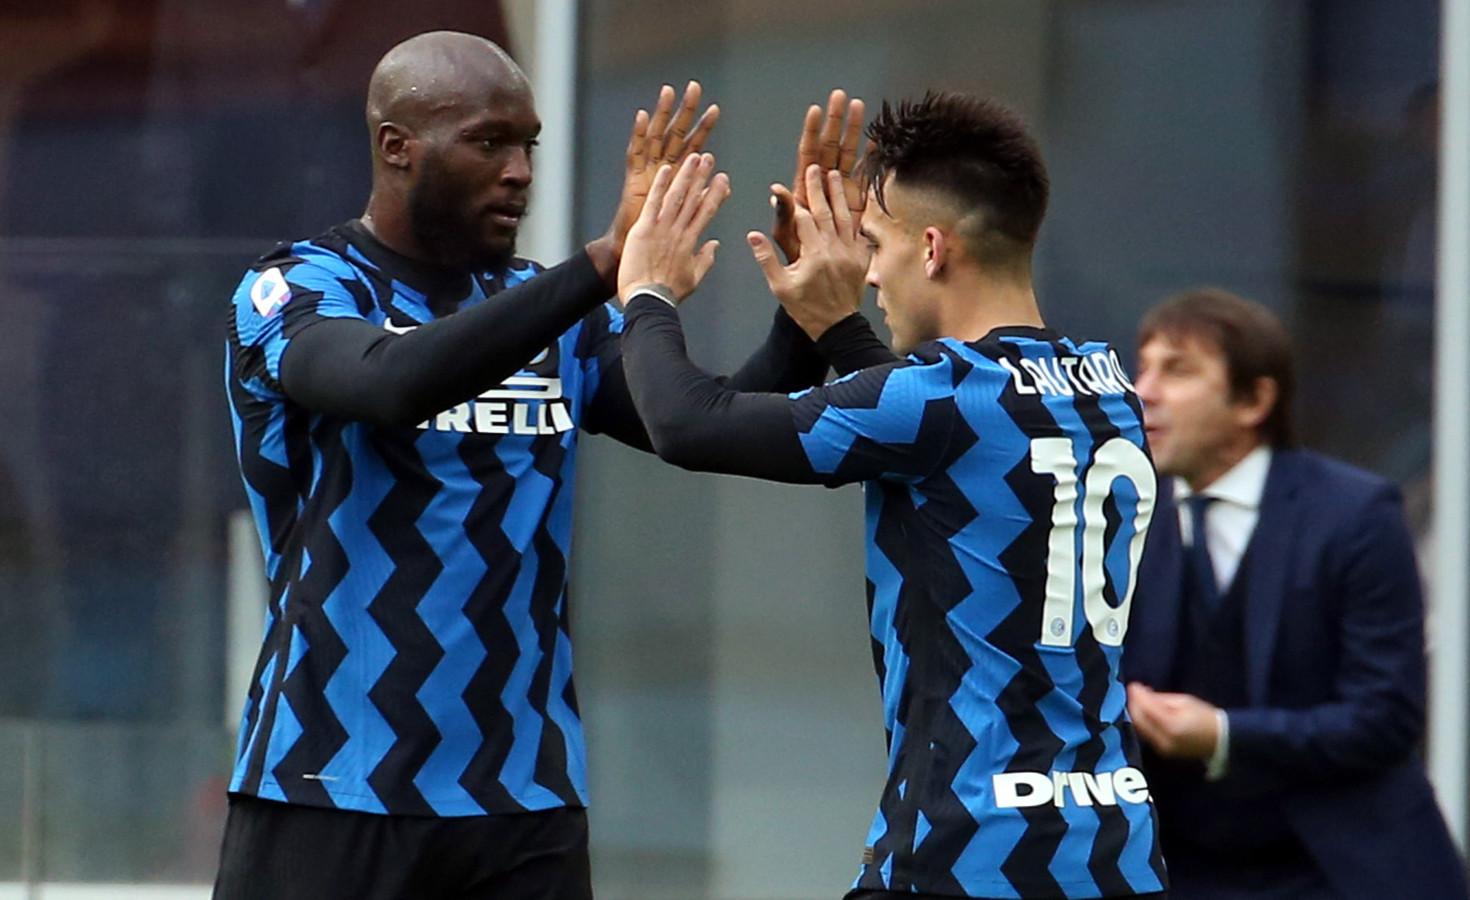 Het superkoppel 'LuLa', Romelu Lukaku en Lautaro Martinez, in de spits bij Inter.